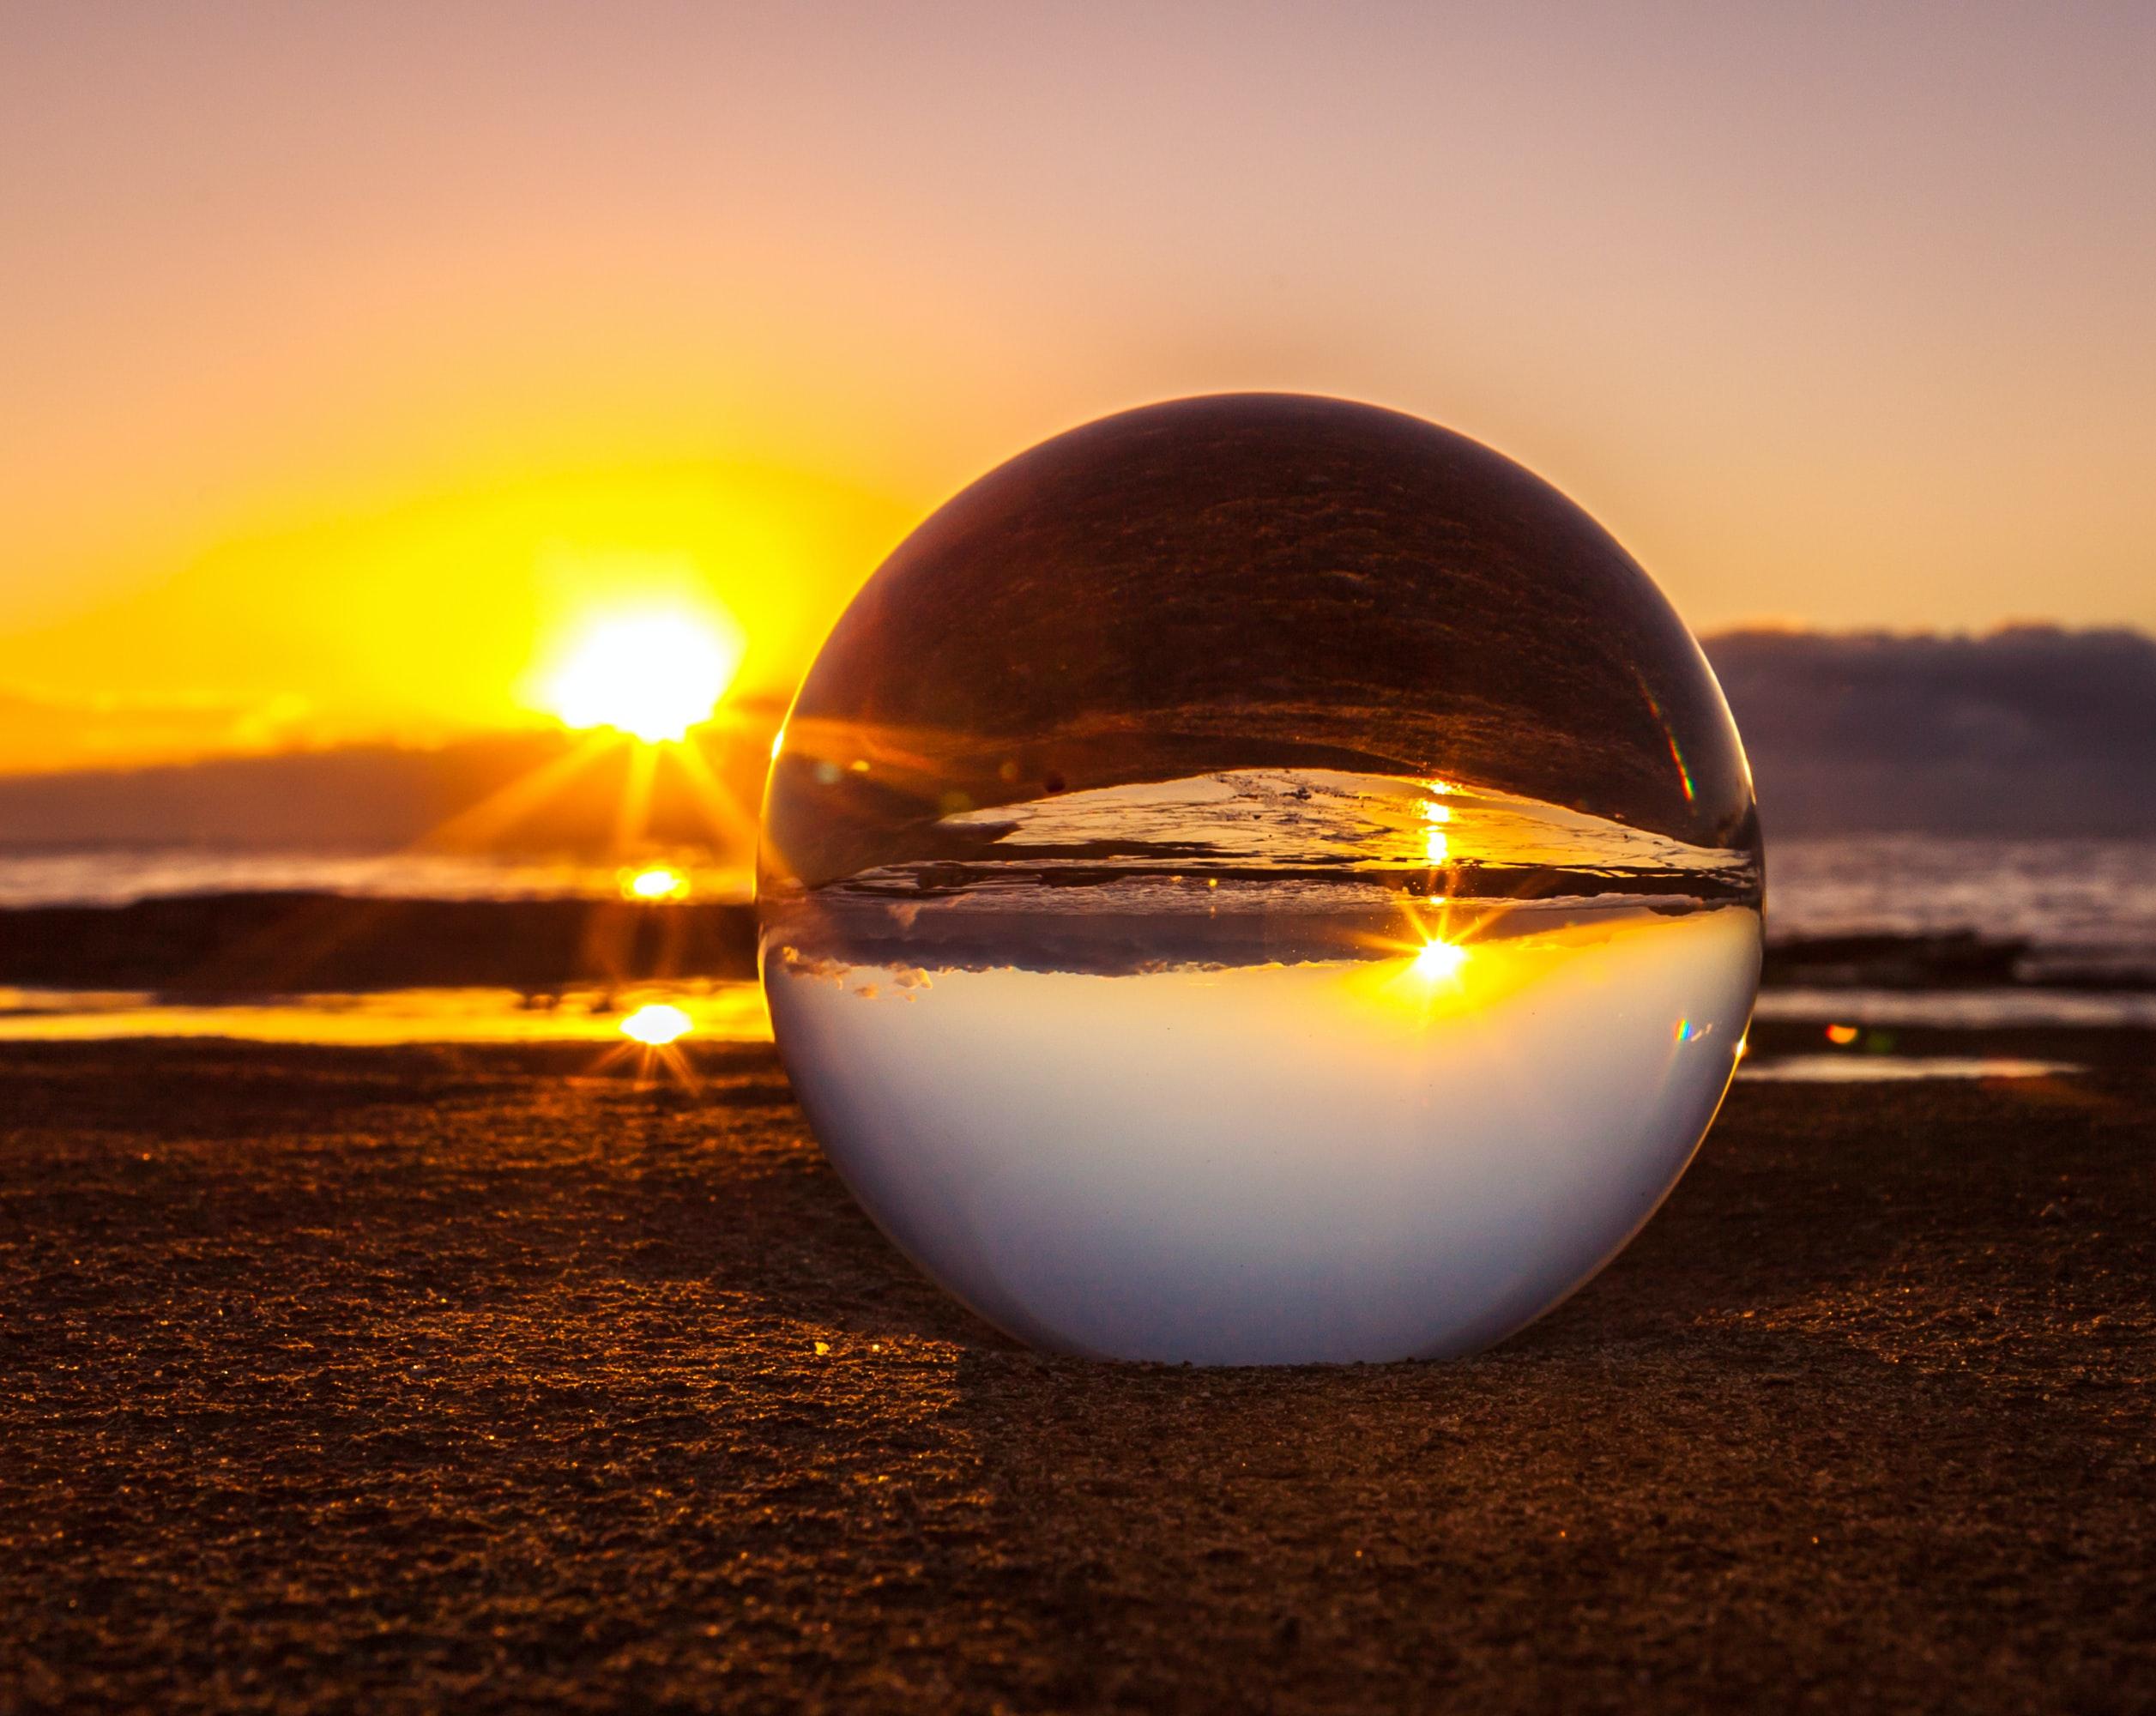 Sunlight beach